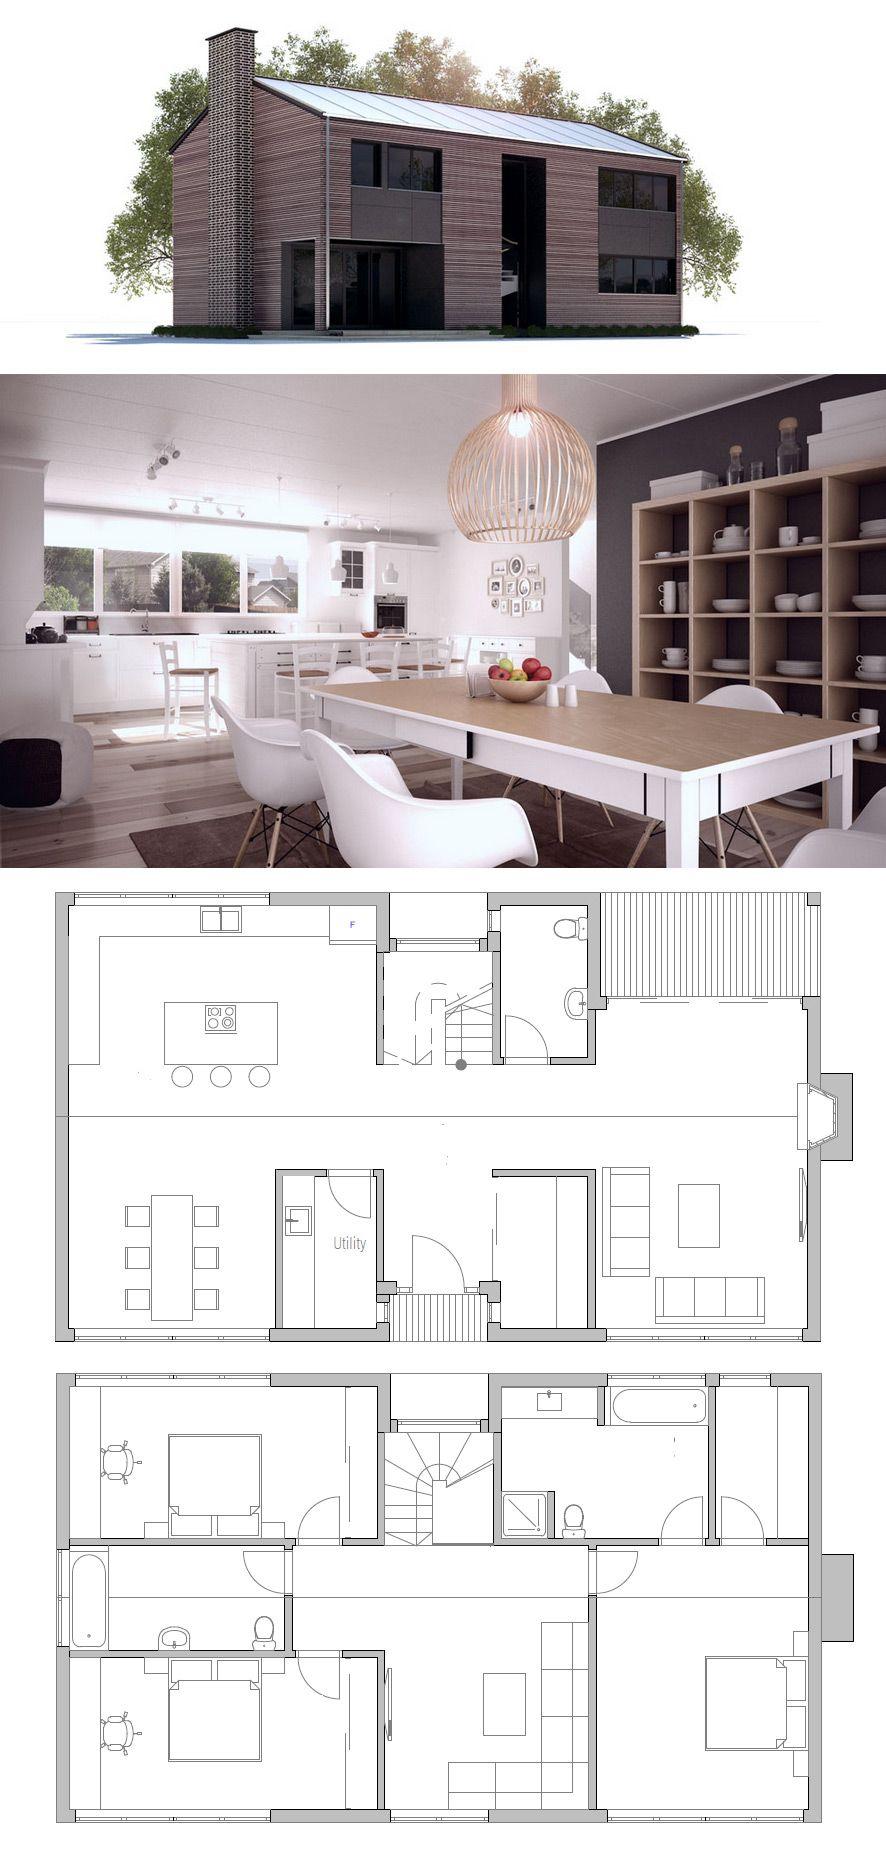 plan de petite maison (avec images) | Plan maison, Maison, Maison minimaliste